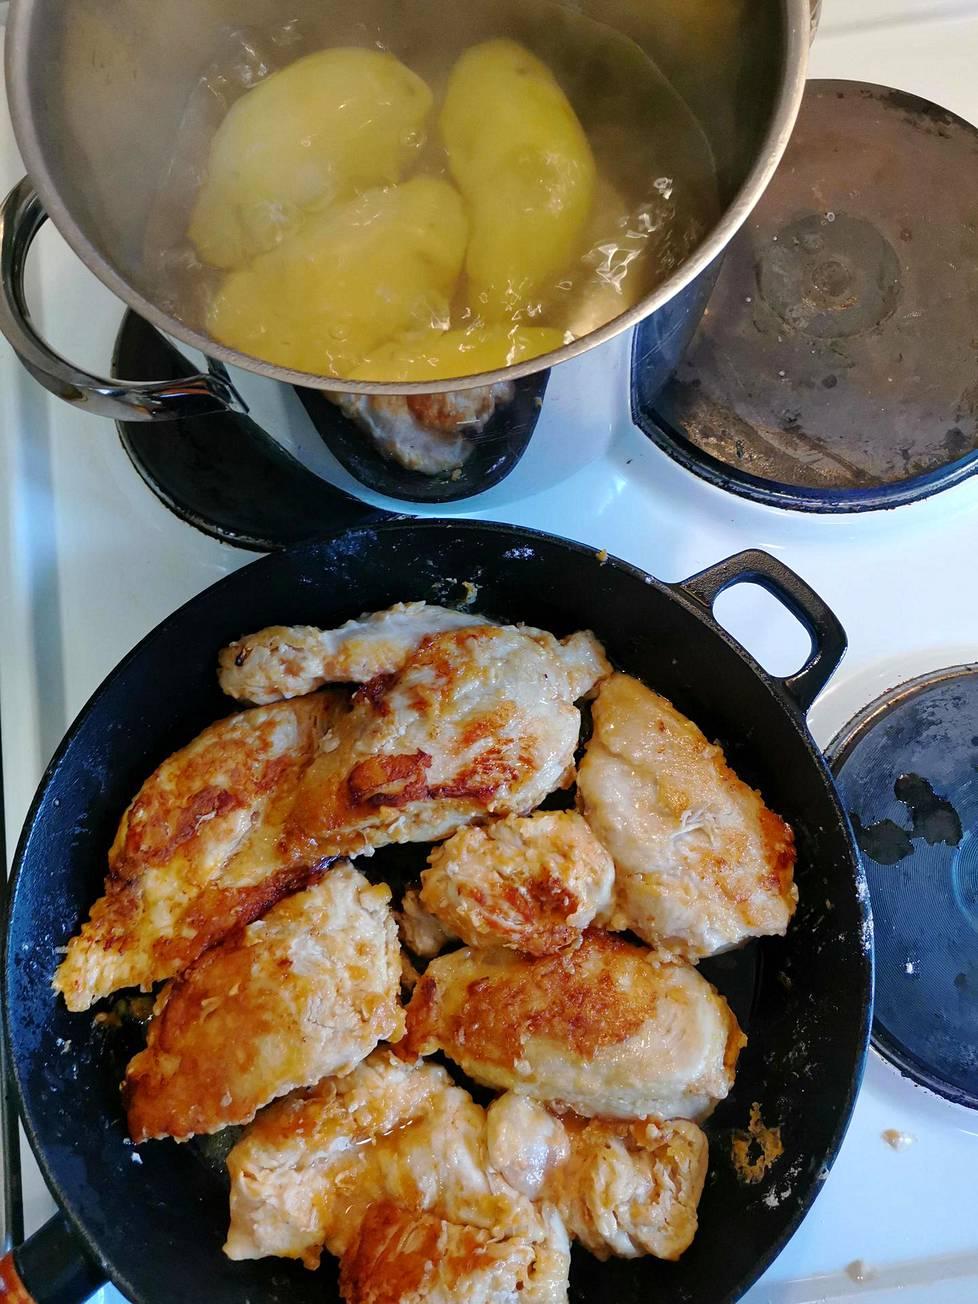 Tämä on väliaikaisen kouluruokalan keittiö. Listalla on perunamuusia ja broileripihvejä lapsenlapsille sekä korvapuusteja ja vispipuuroa koko näiden perheelle mummon laittamana.